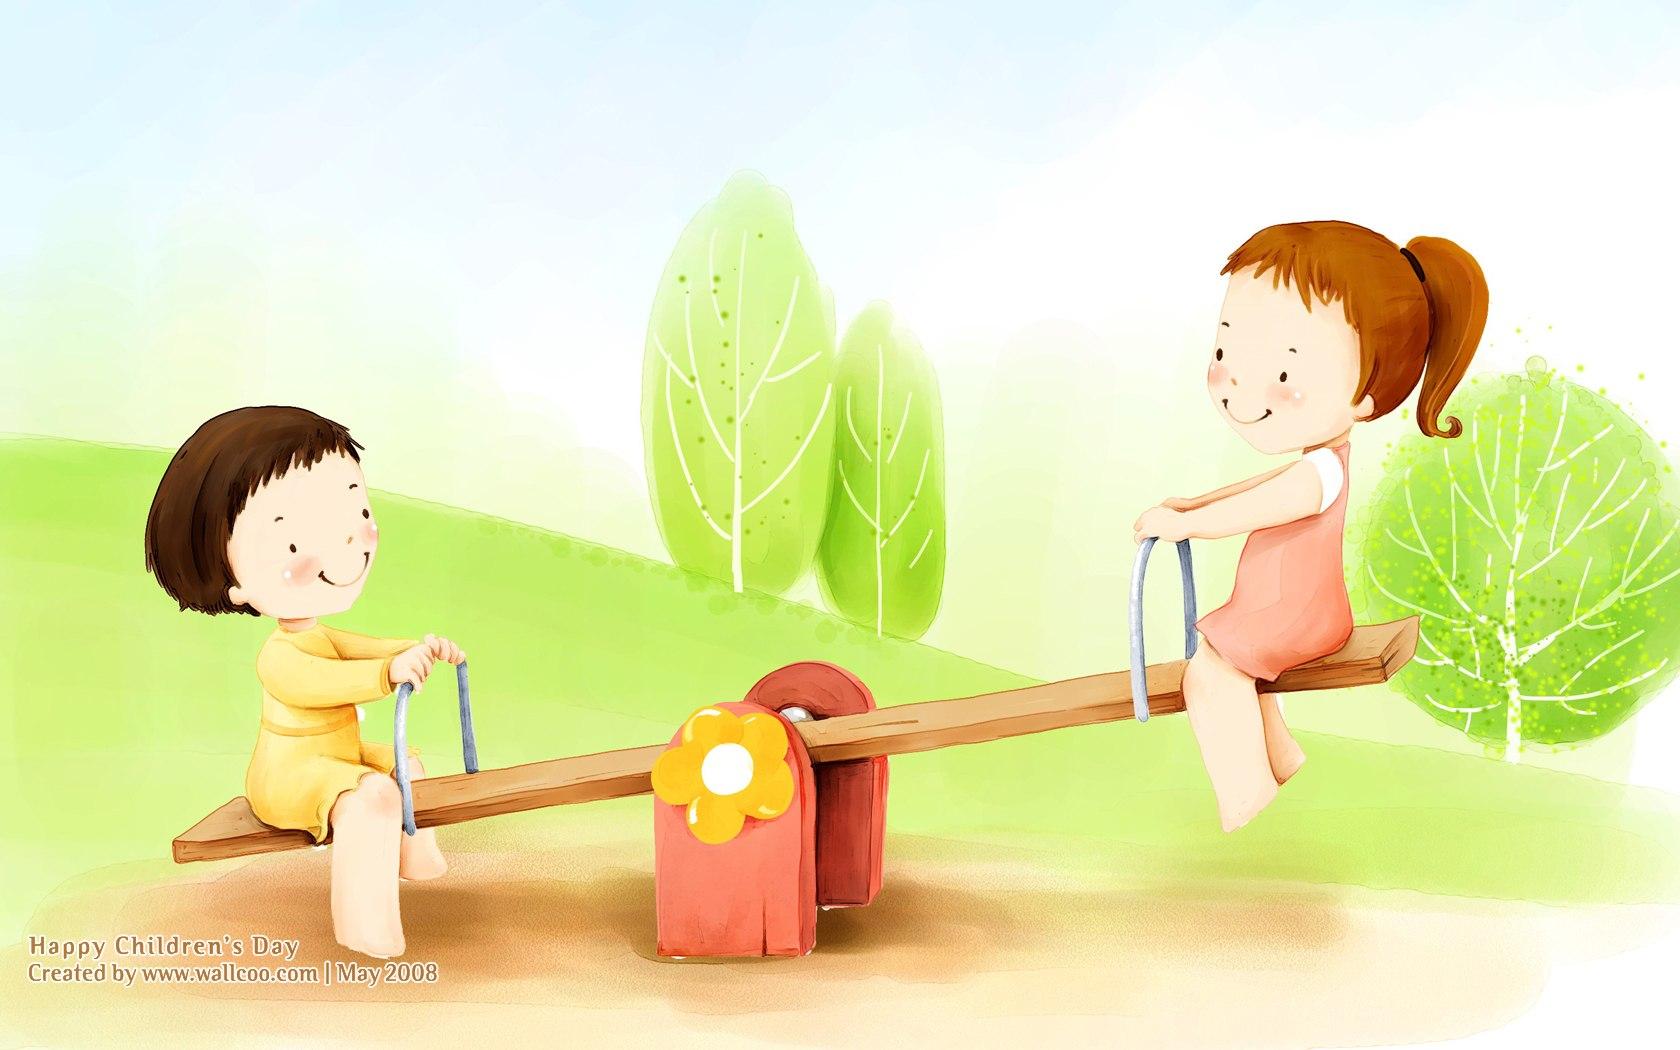 ×1050儿童节 可爱儿童插画壁纸 跷跷板 韩国卡通儿童